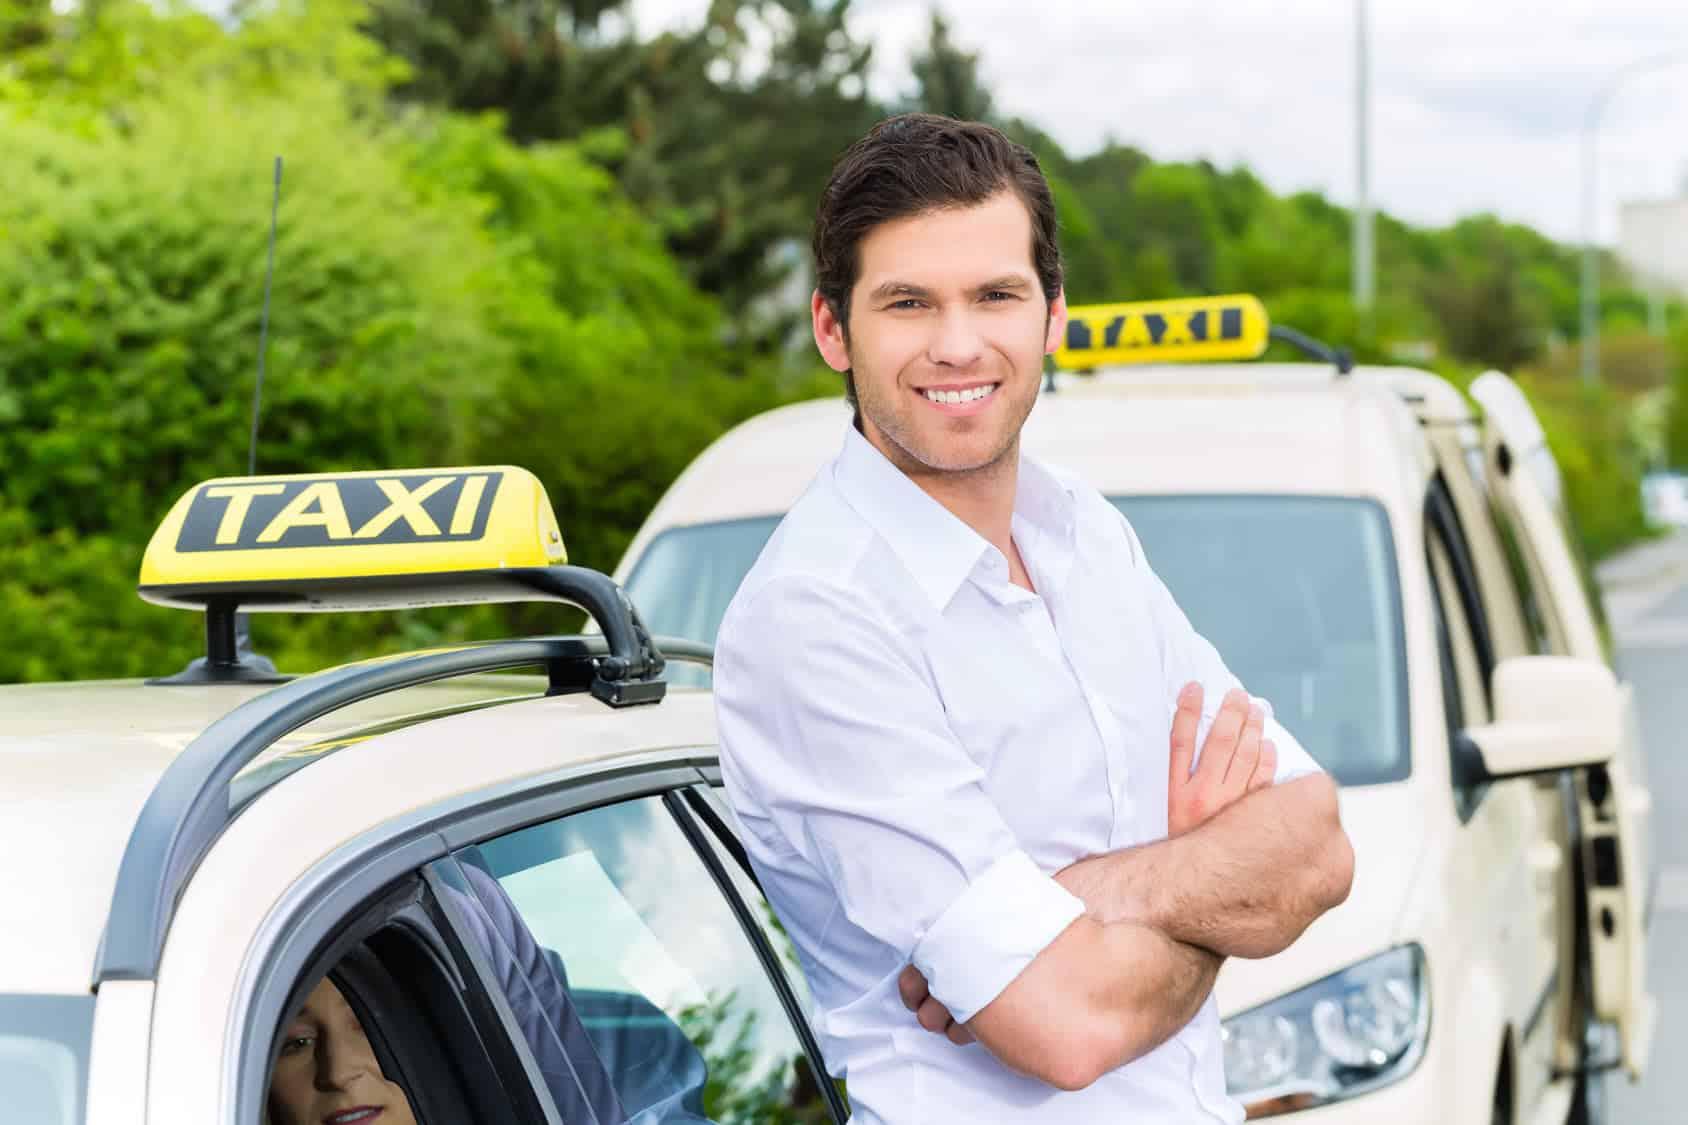 Betriebshaftpflichtversicherung Taxiunternehmen – Taxifahrer neben Taxi wartet auf Kunden